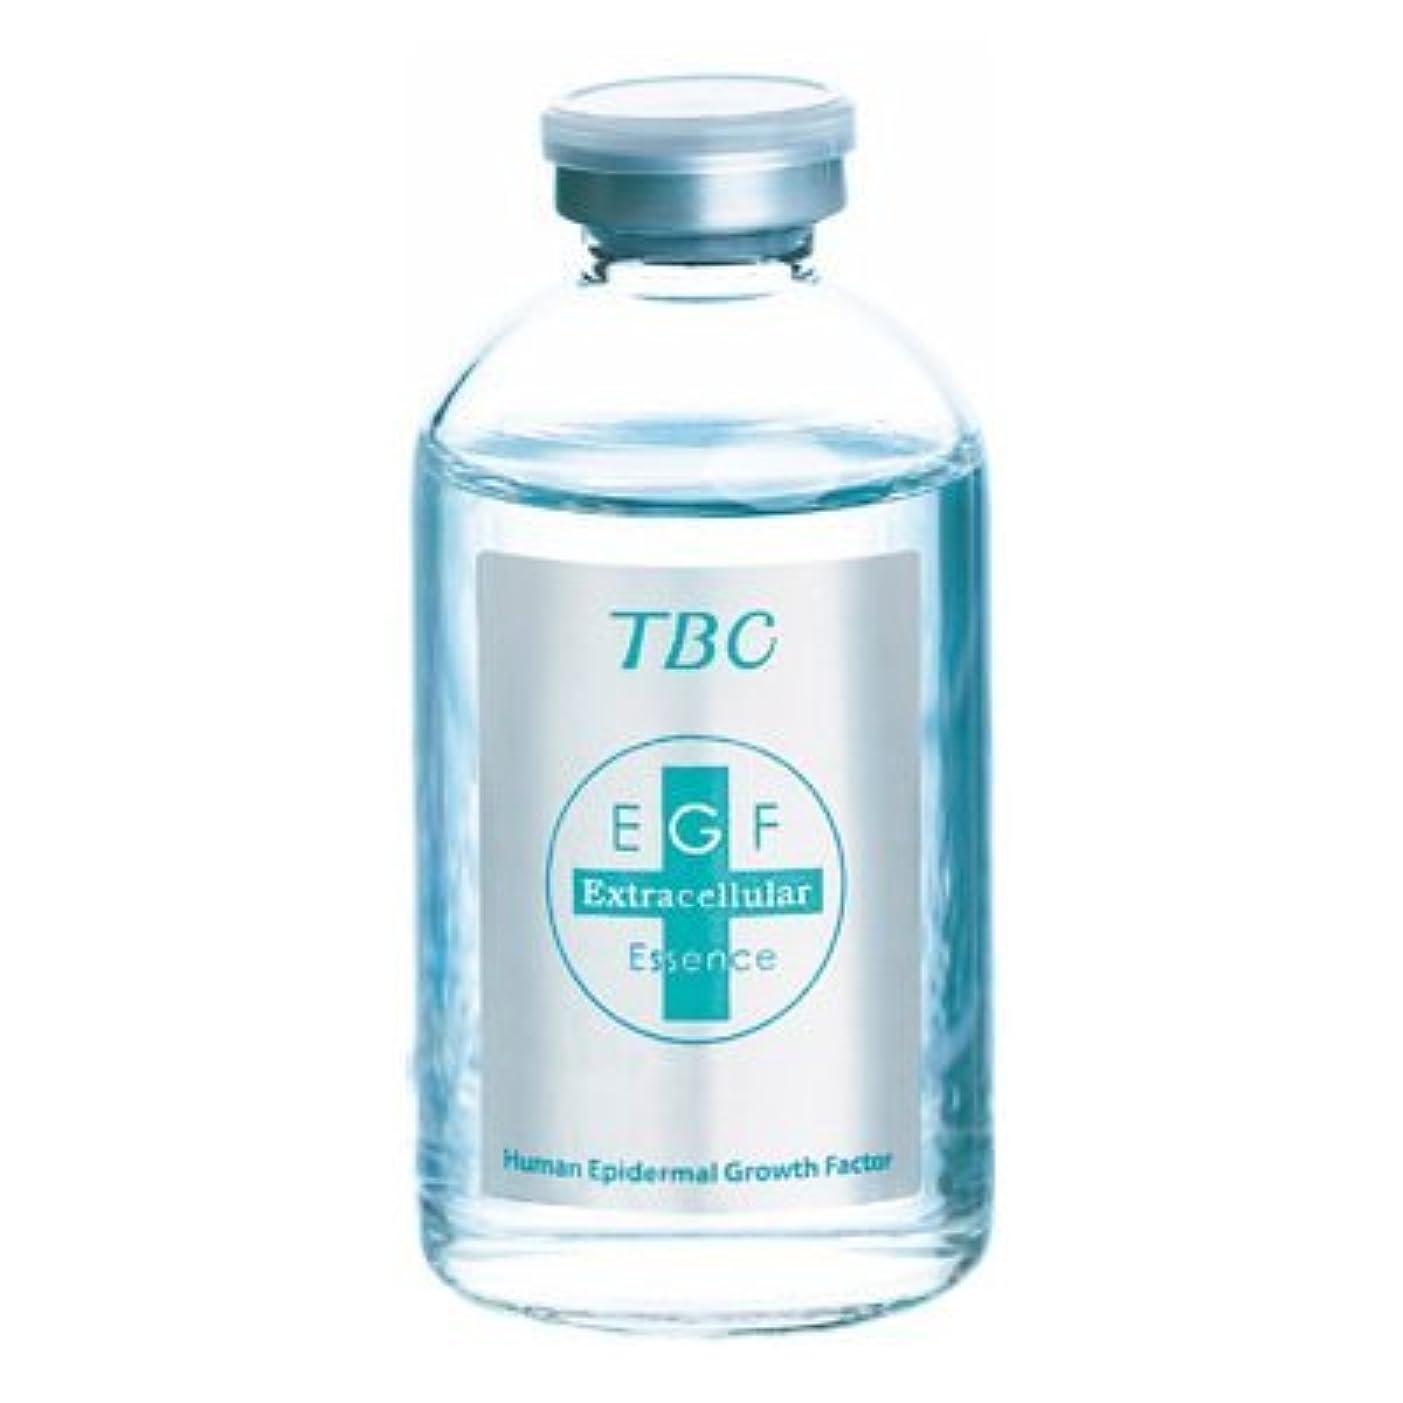 条約参照する強制TBC EGF エクストラエッセンス 60ml [並行輸入品]